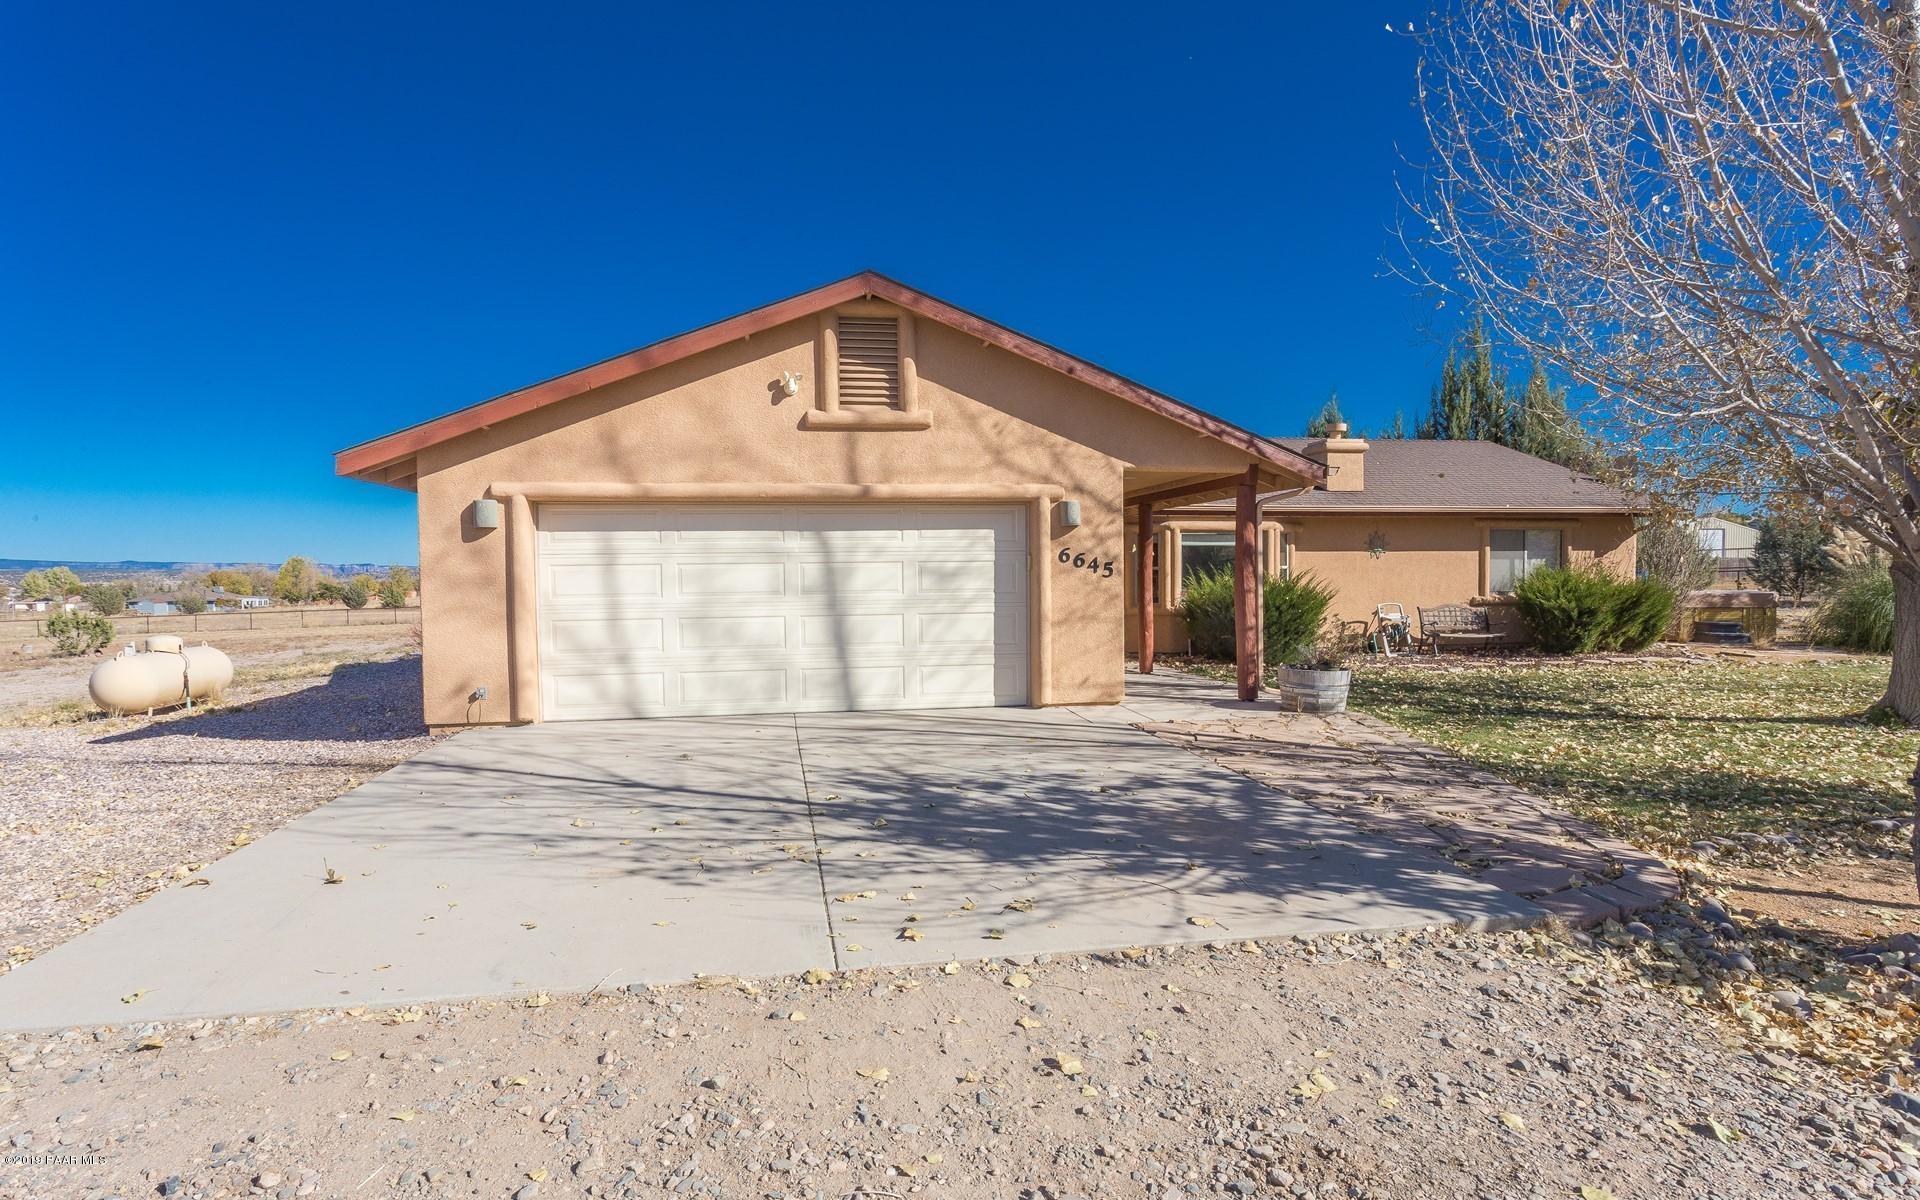 Photo of 6645 Mangas, Chino Valley, AZ 86323